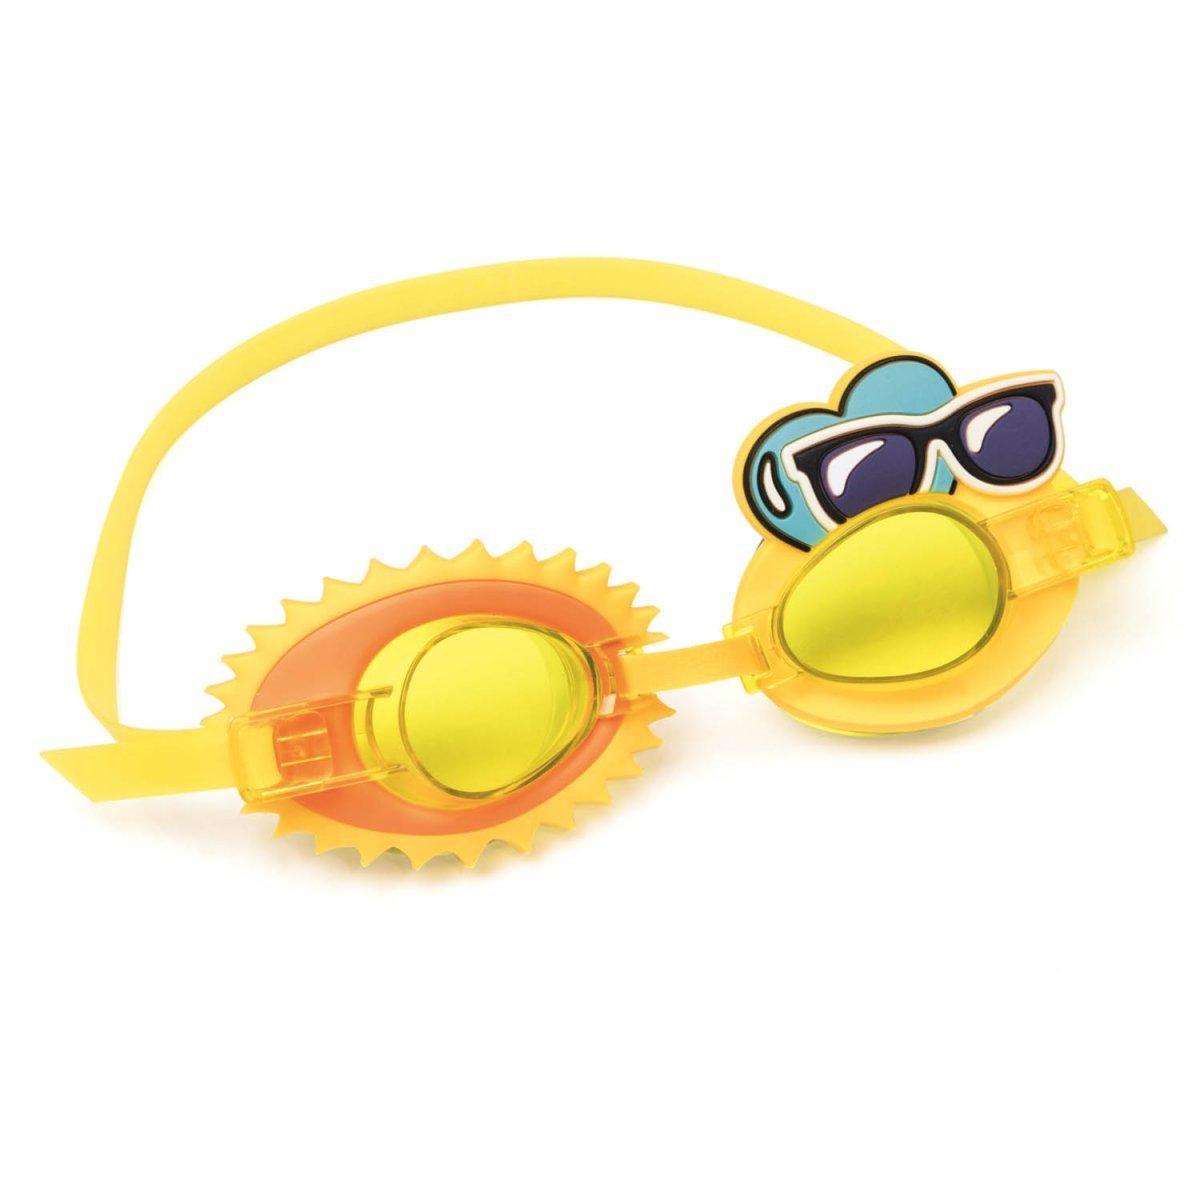 Детские очки для плавания Bestway 21080 Солнце, размер S, (3+), обхват головы ≈ 50 см